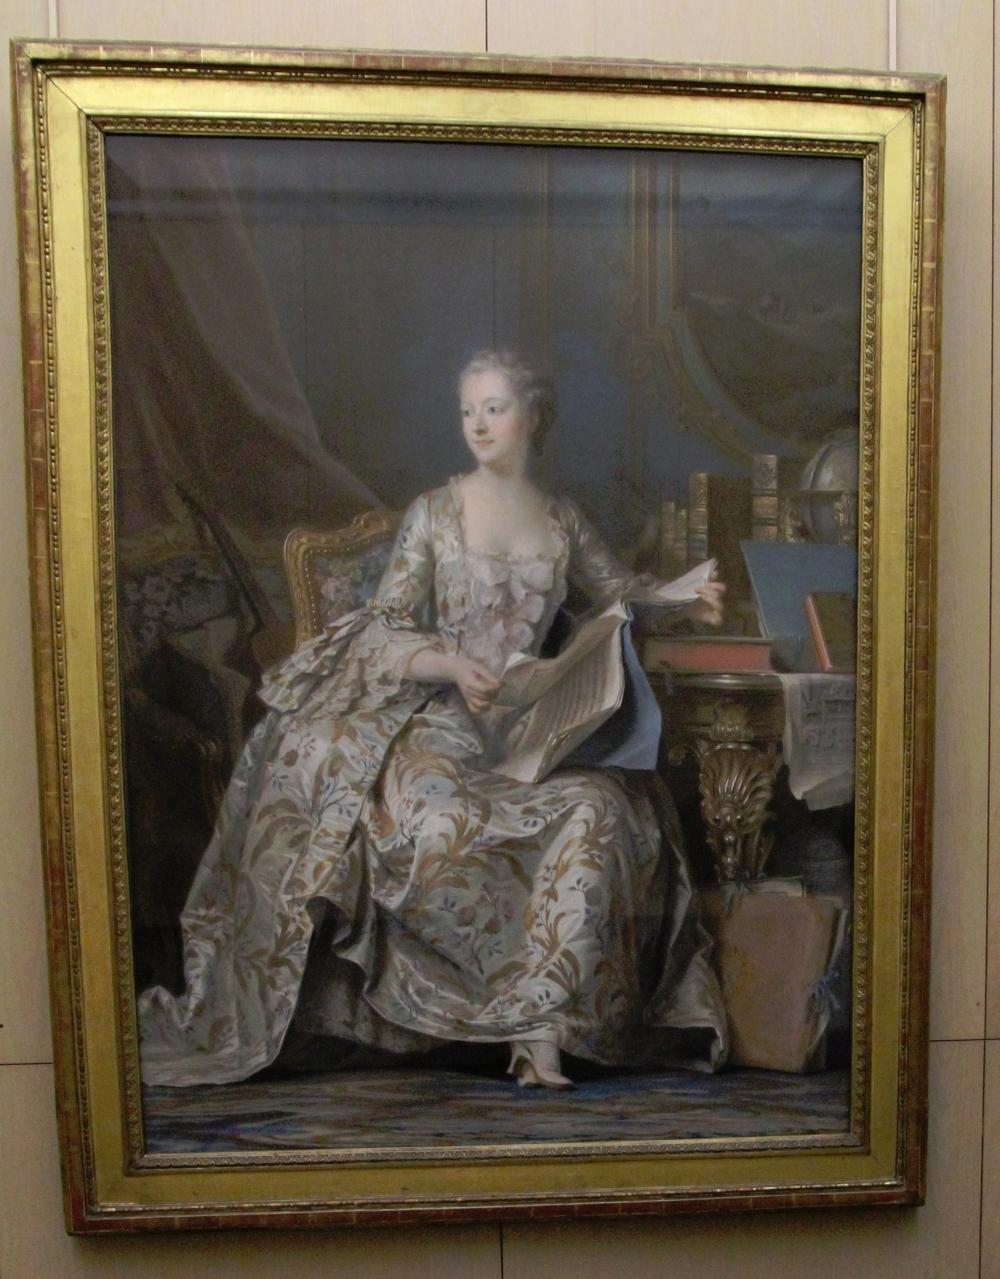 Madame Pompadour by de la Tour at the Louvre